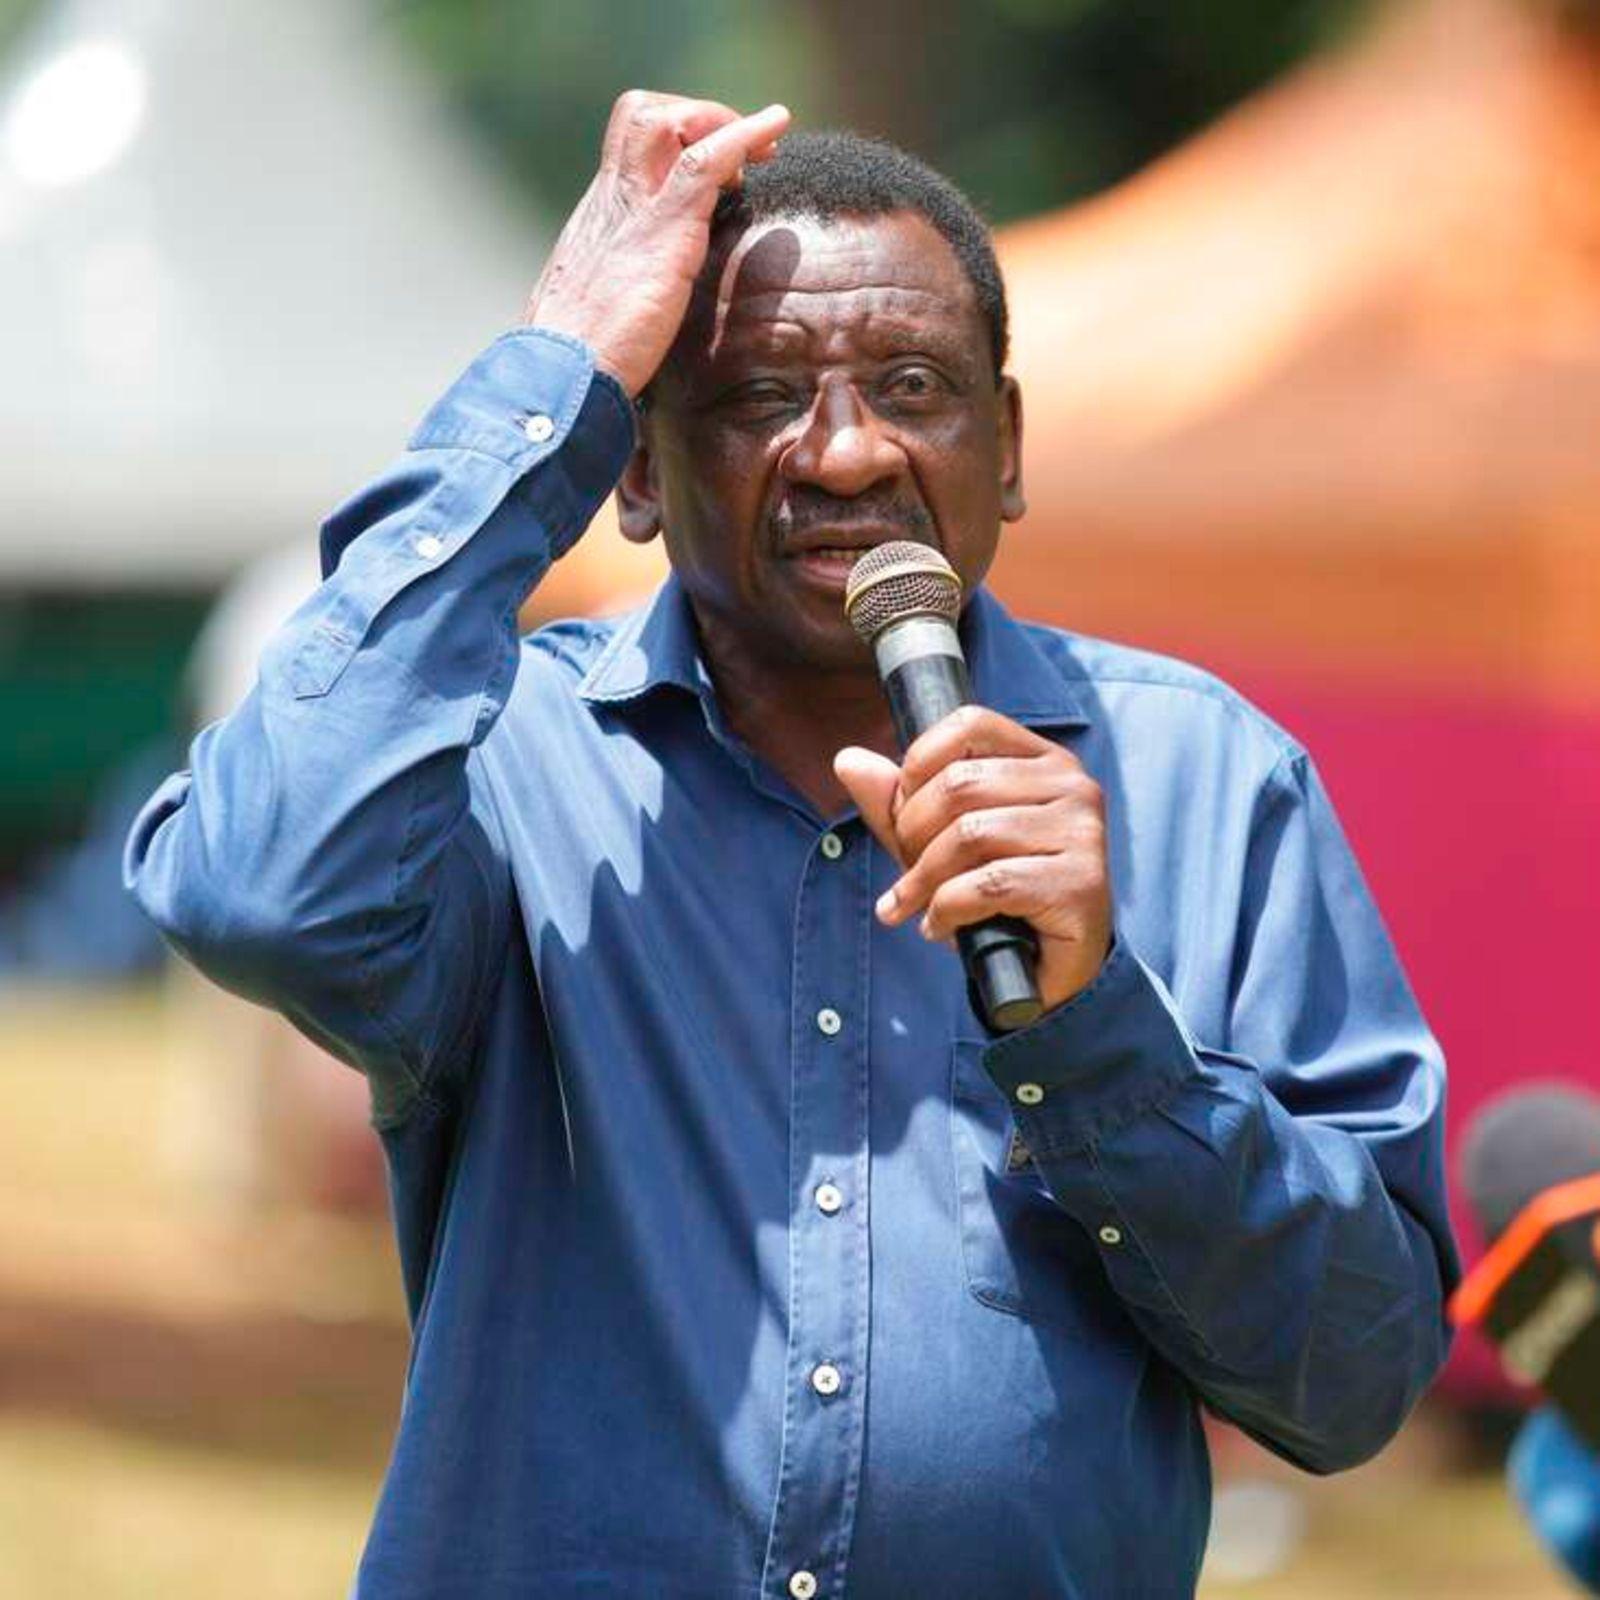 Orengo and Otiende's fallout with Raila Odinga